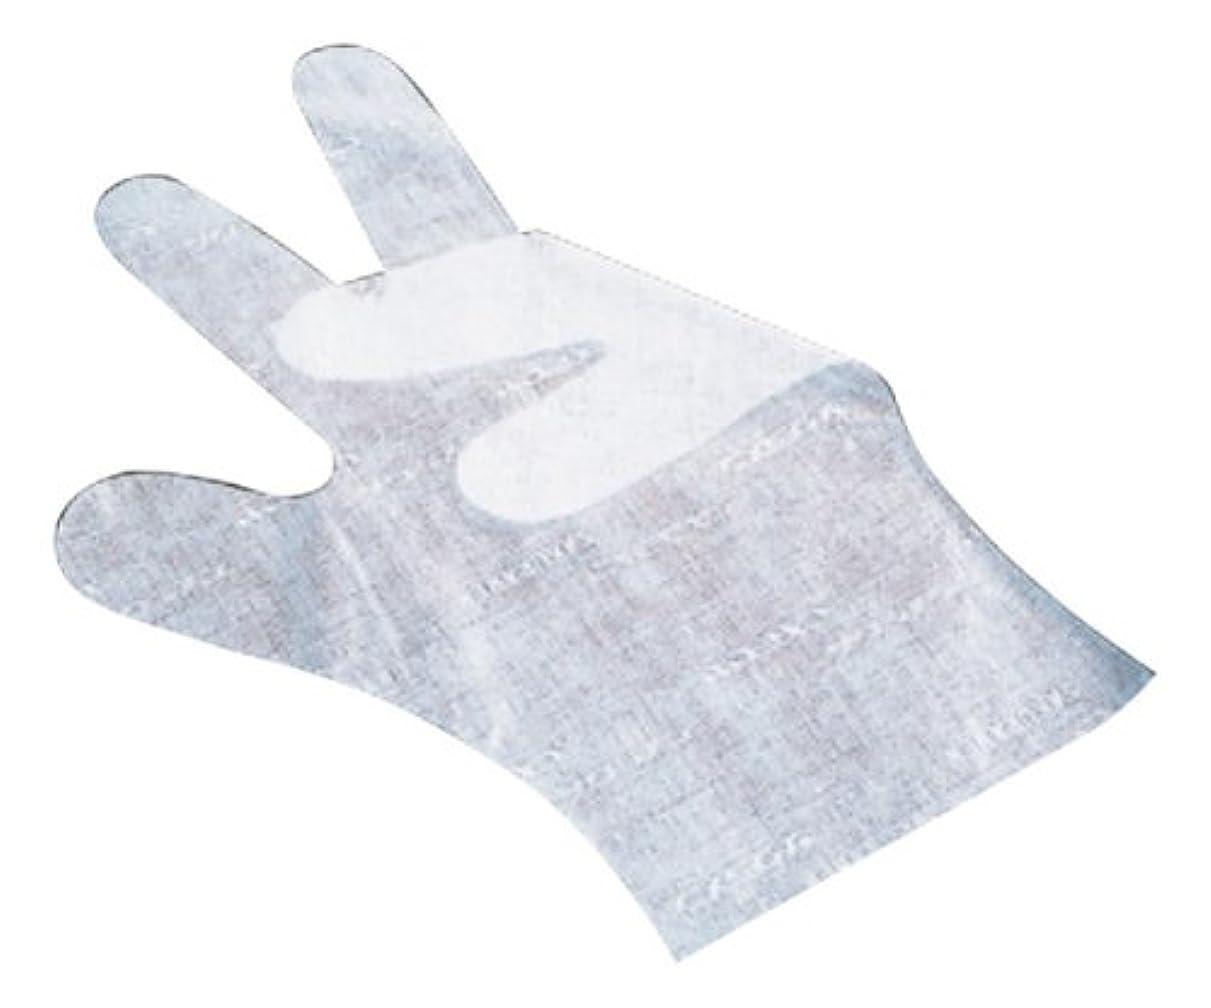 ヒープ電信方法サクラメン手袋 デラックス(100枚入)M ホワイト 35μ